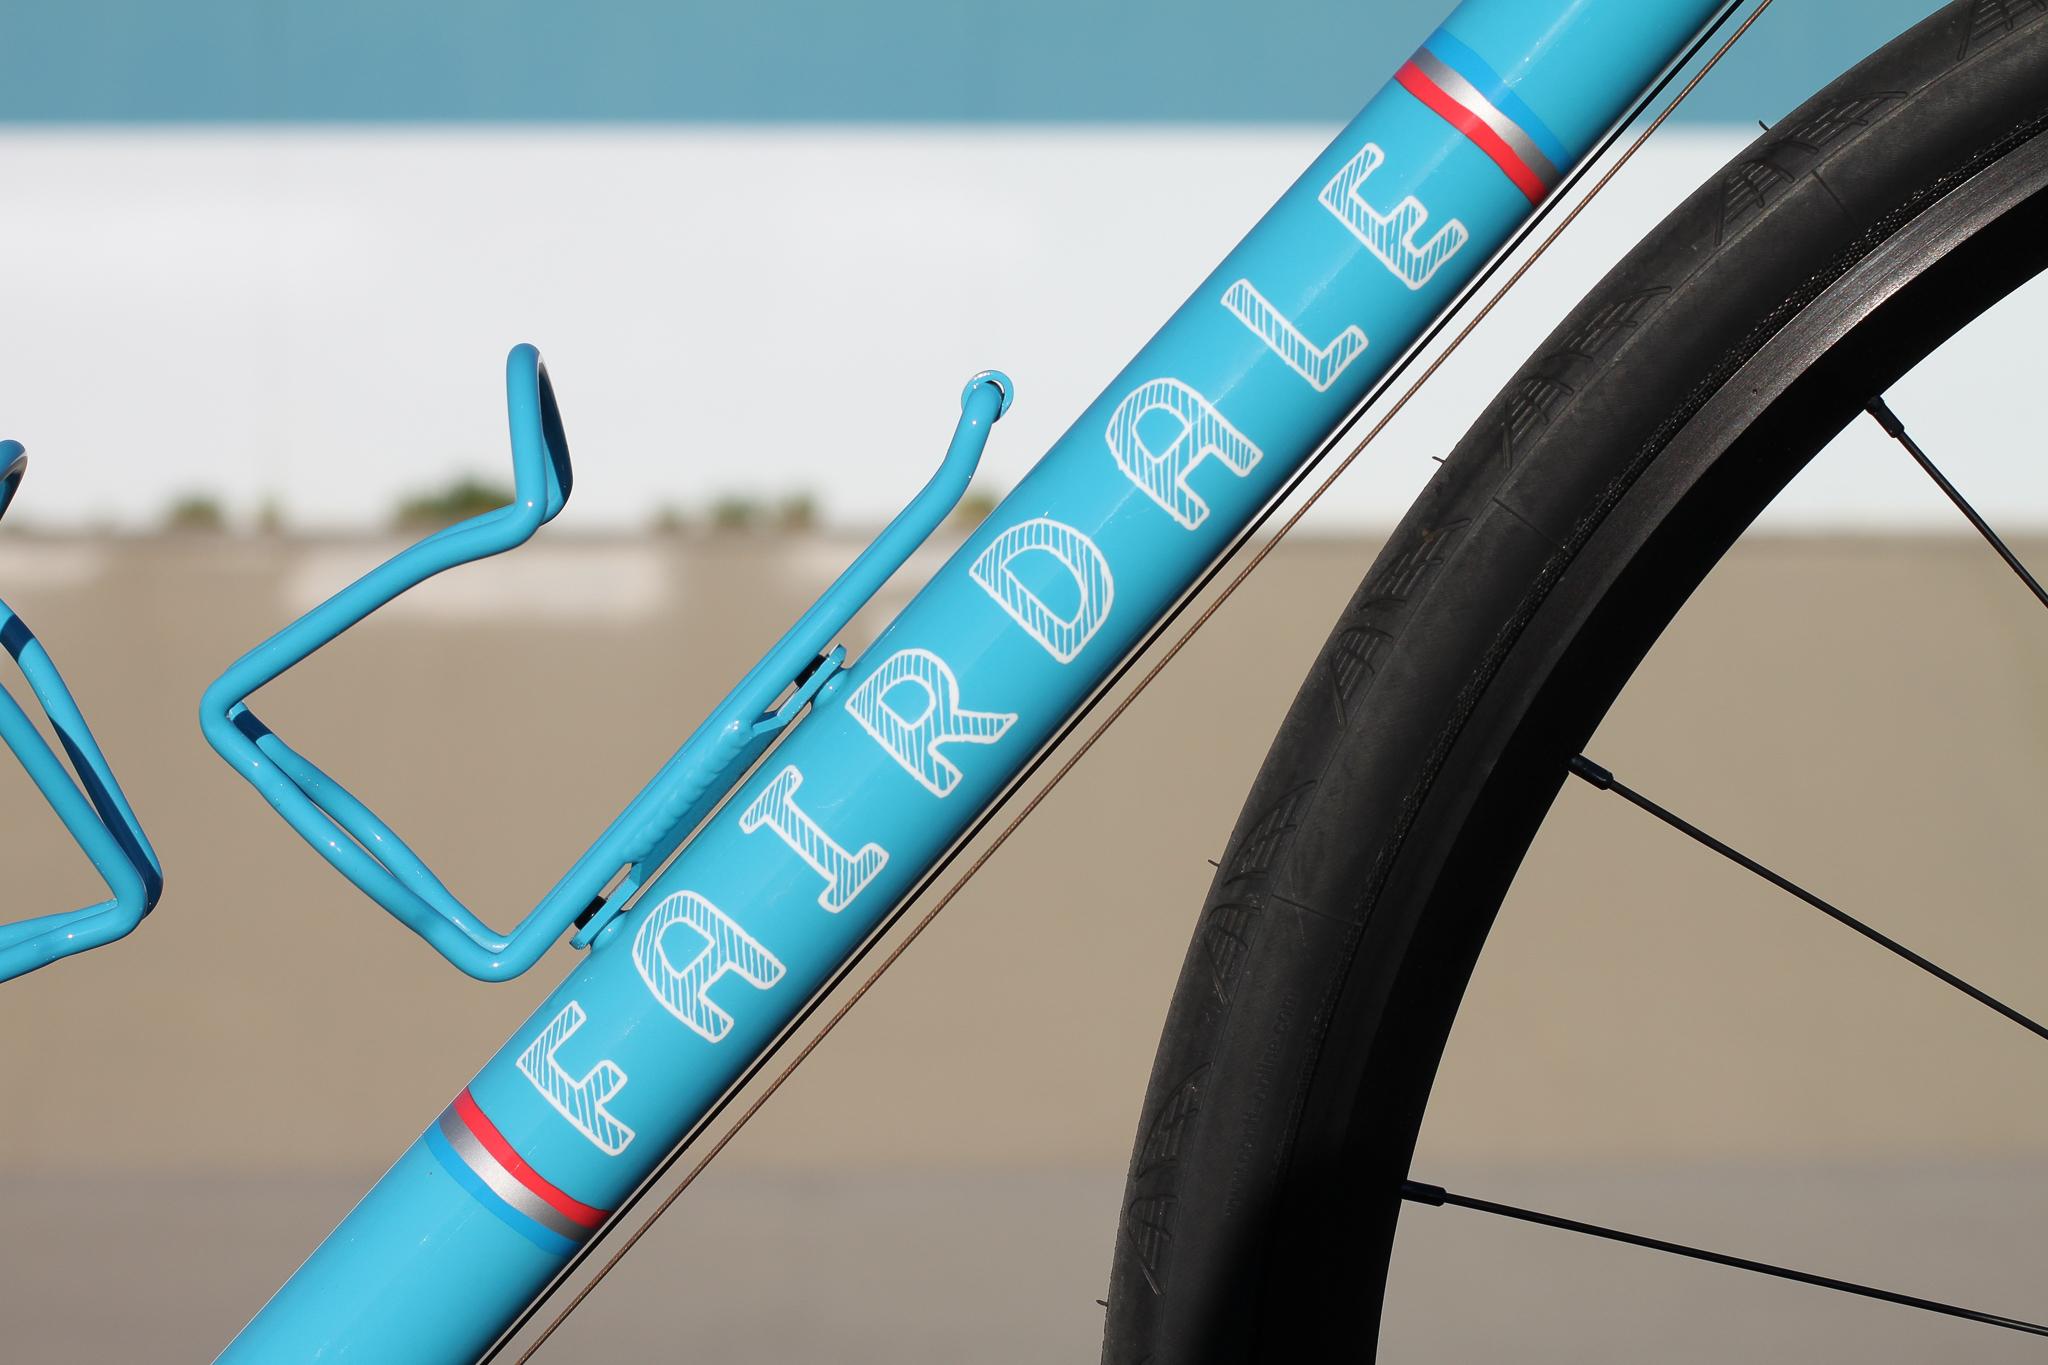 fairdale-bikes-sam-carlson-goodship-052